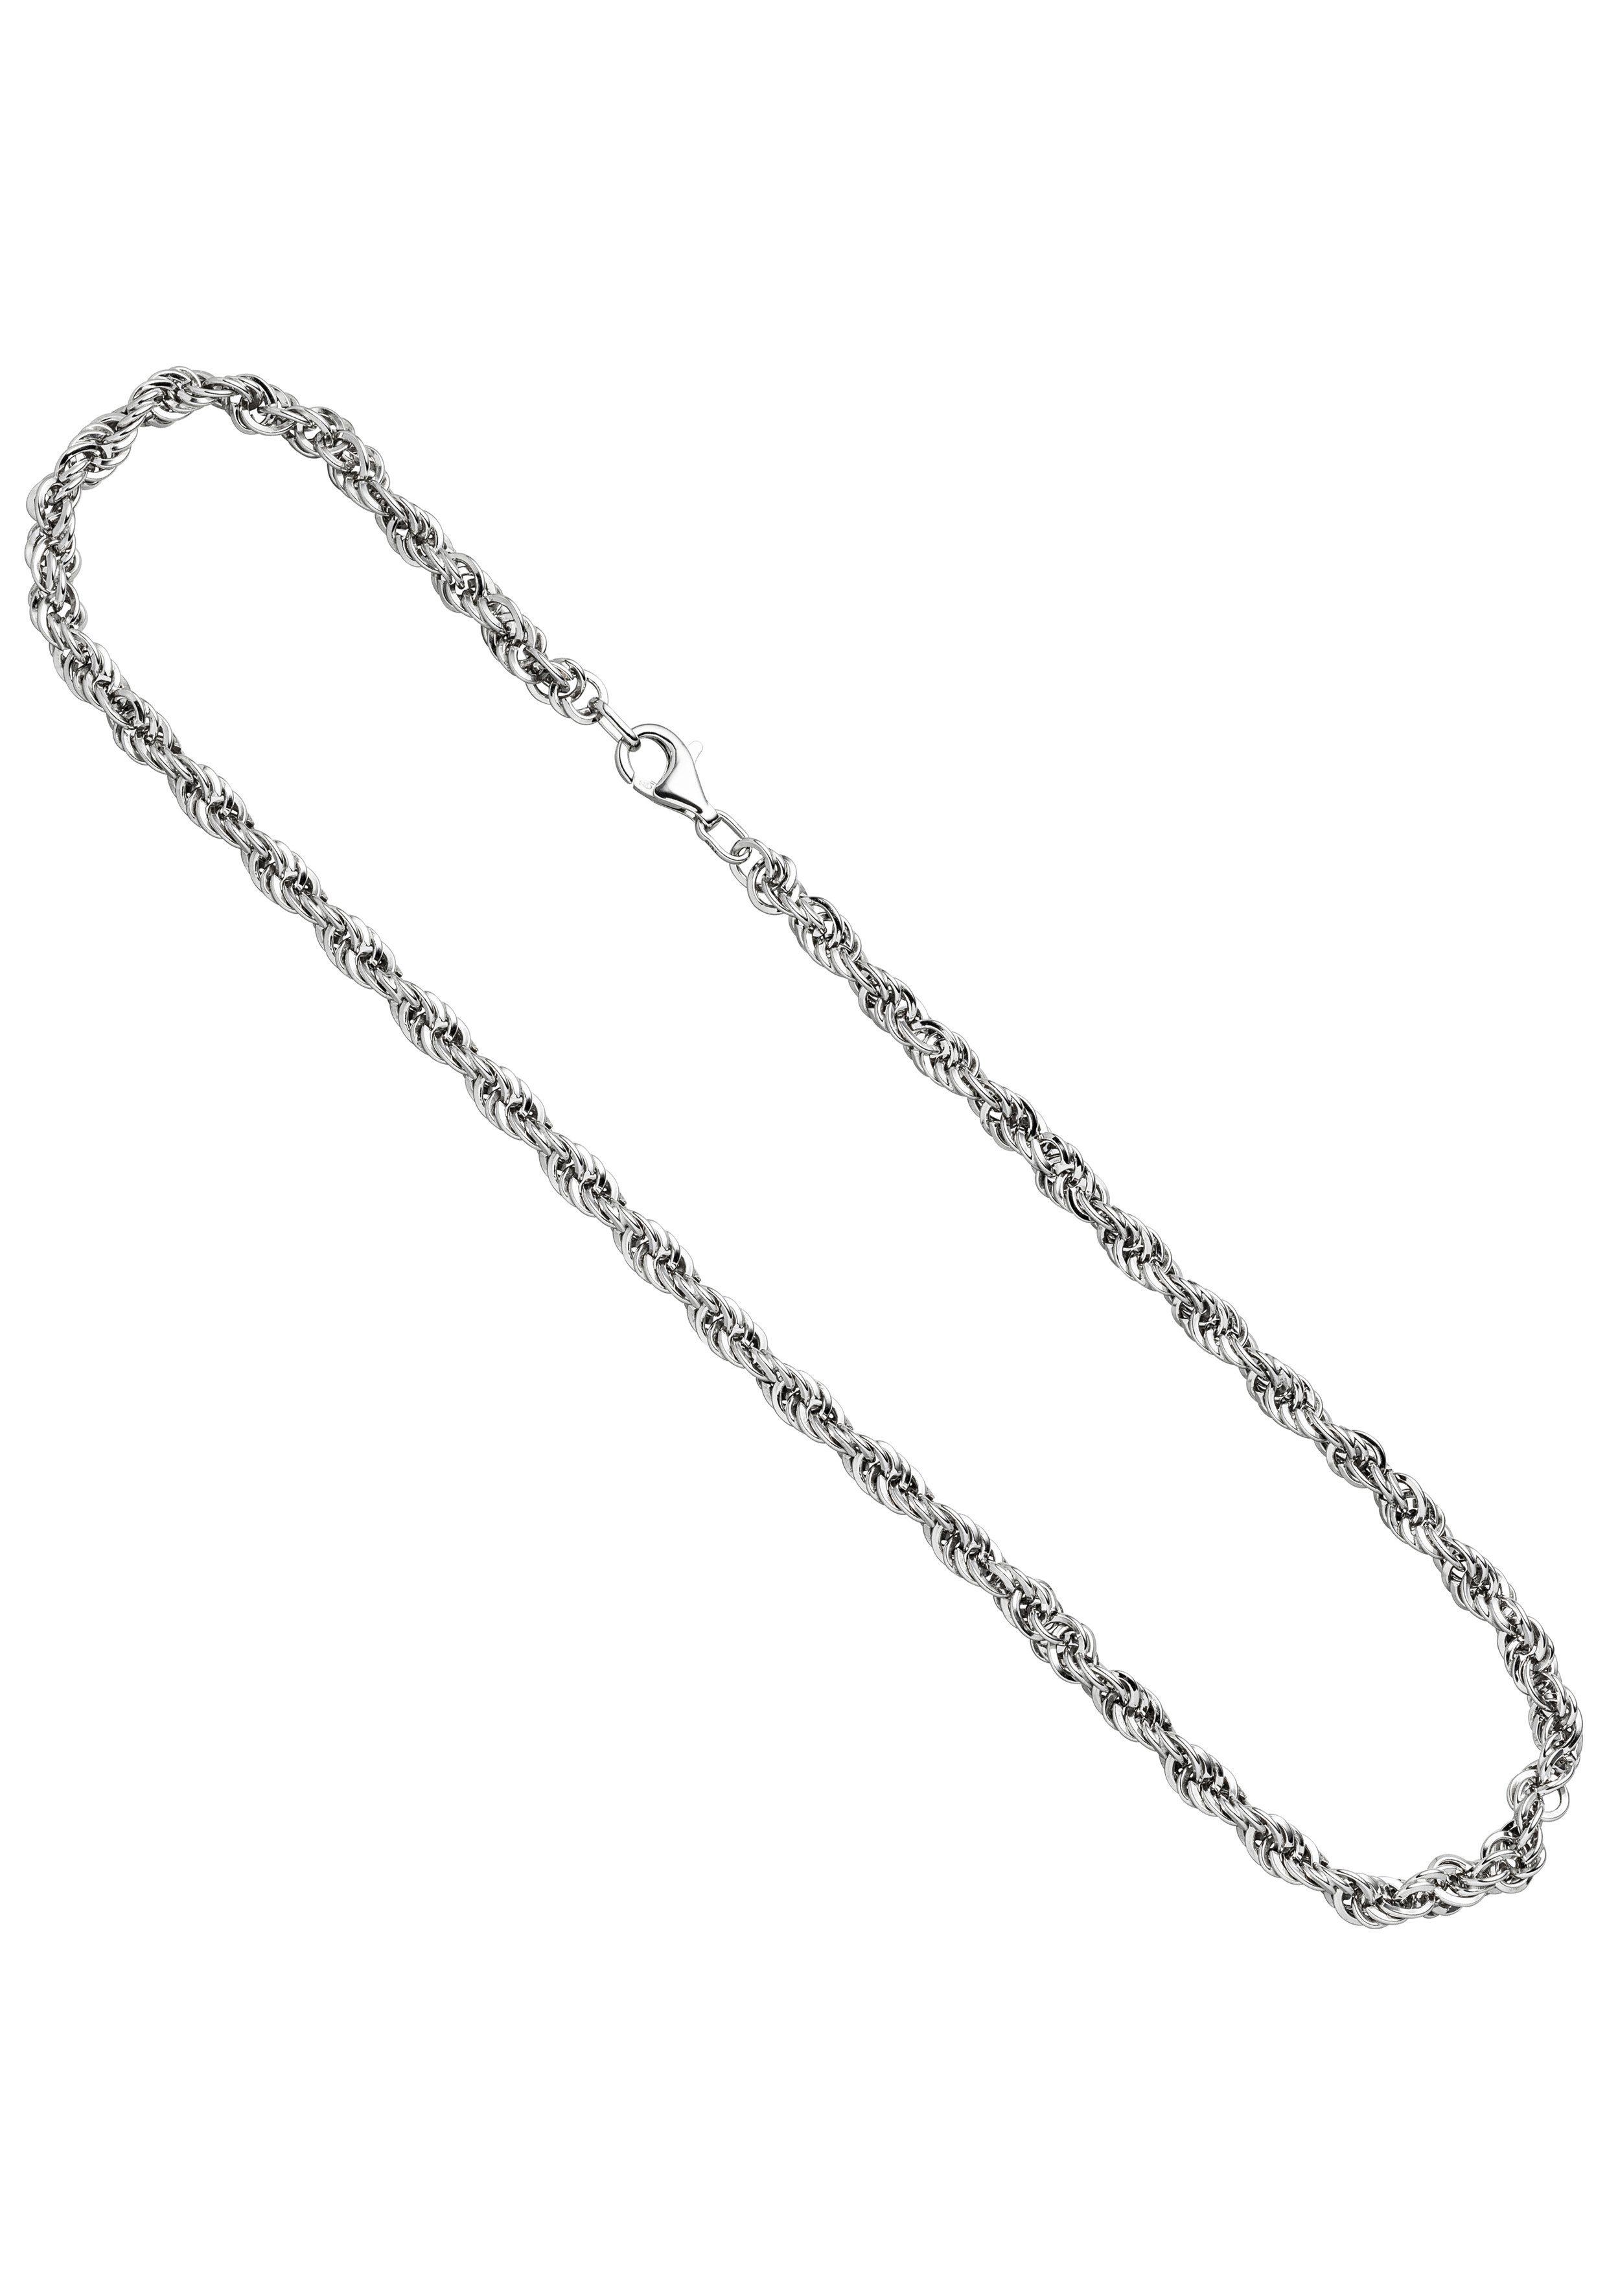 JOBO Silberkette Kordelkette 925 Silber 45 cm